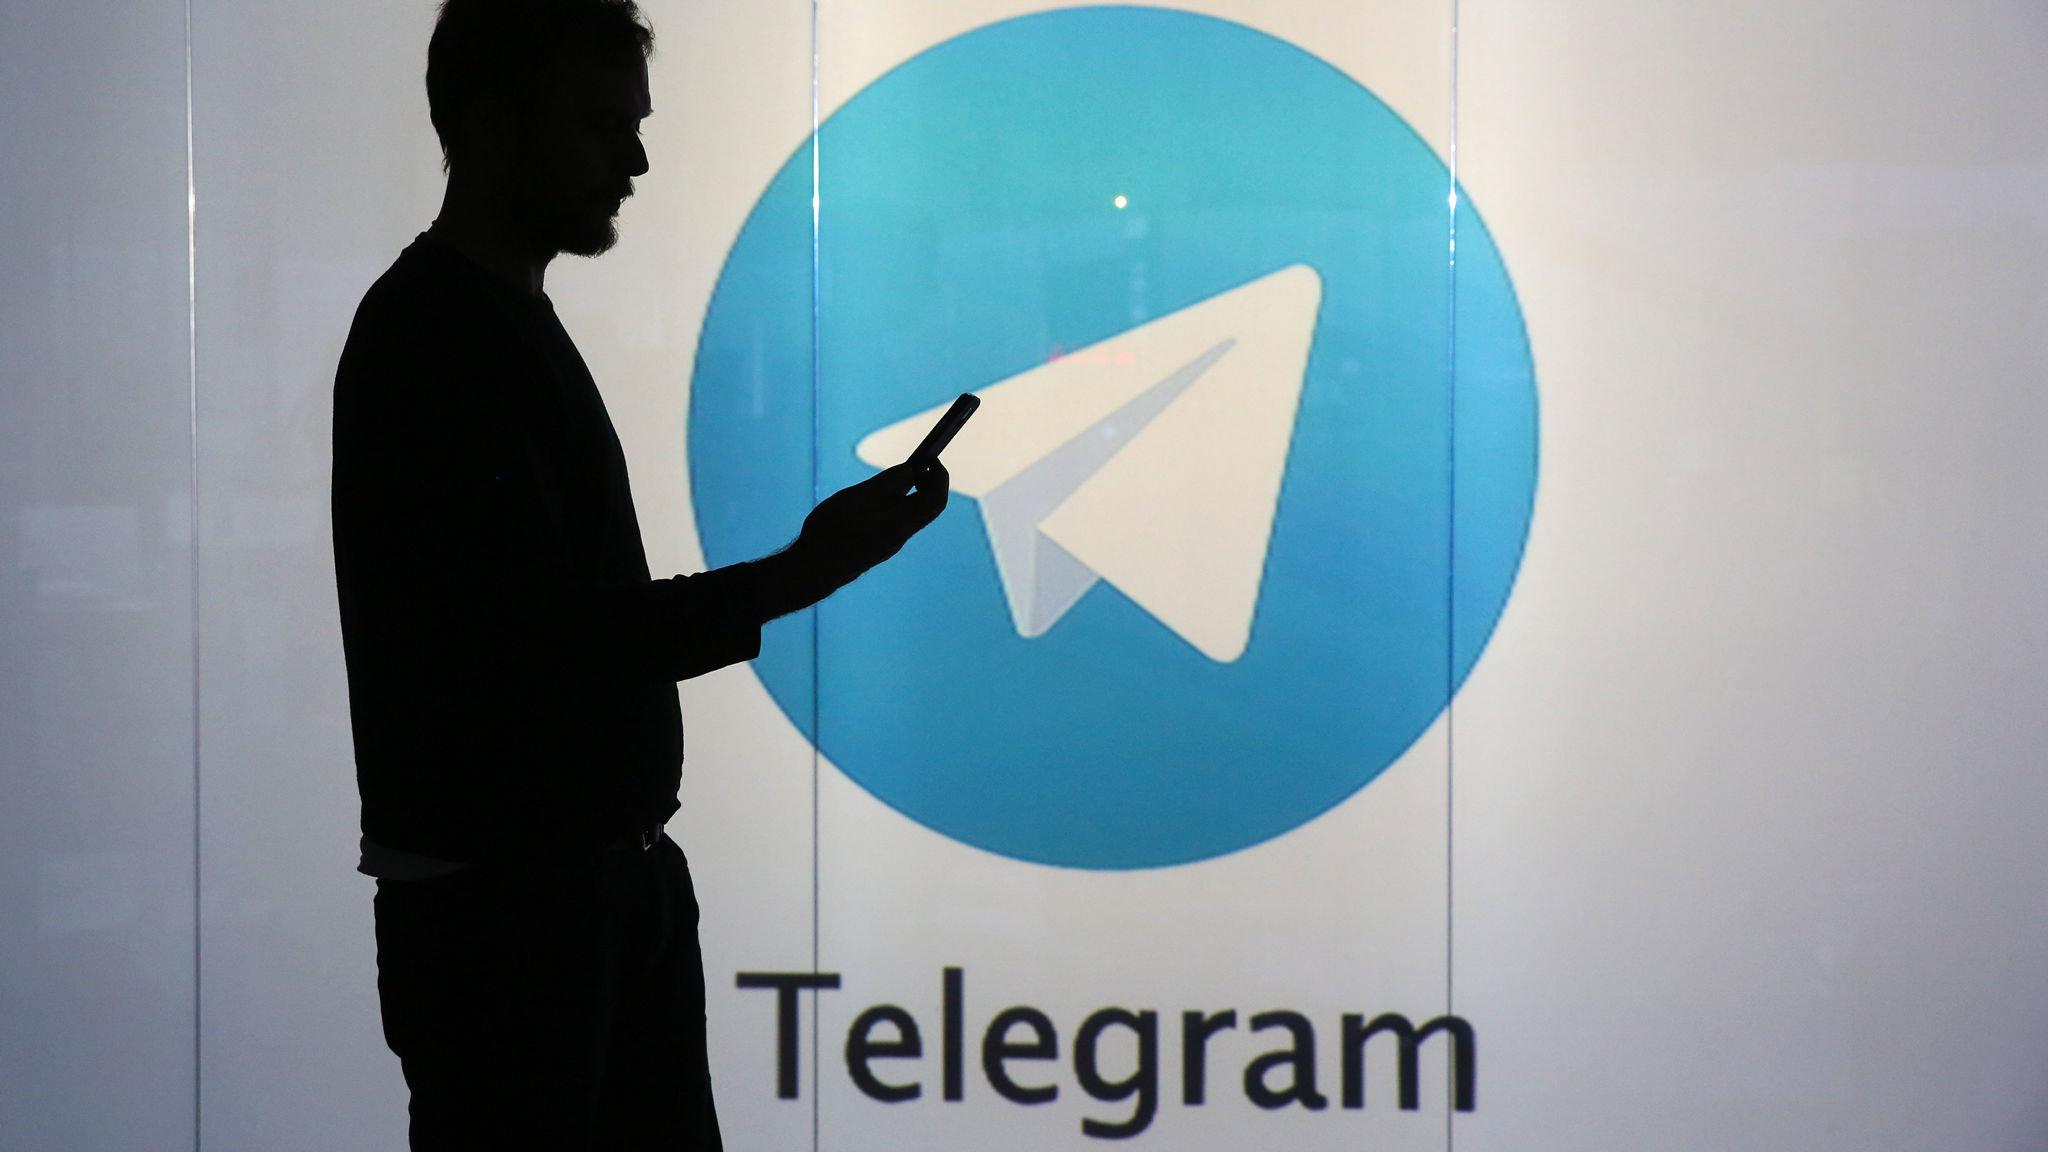 تلگرام منع شد! حکم اولیه دادگاه علیه فروش توکن گرام